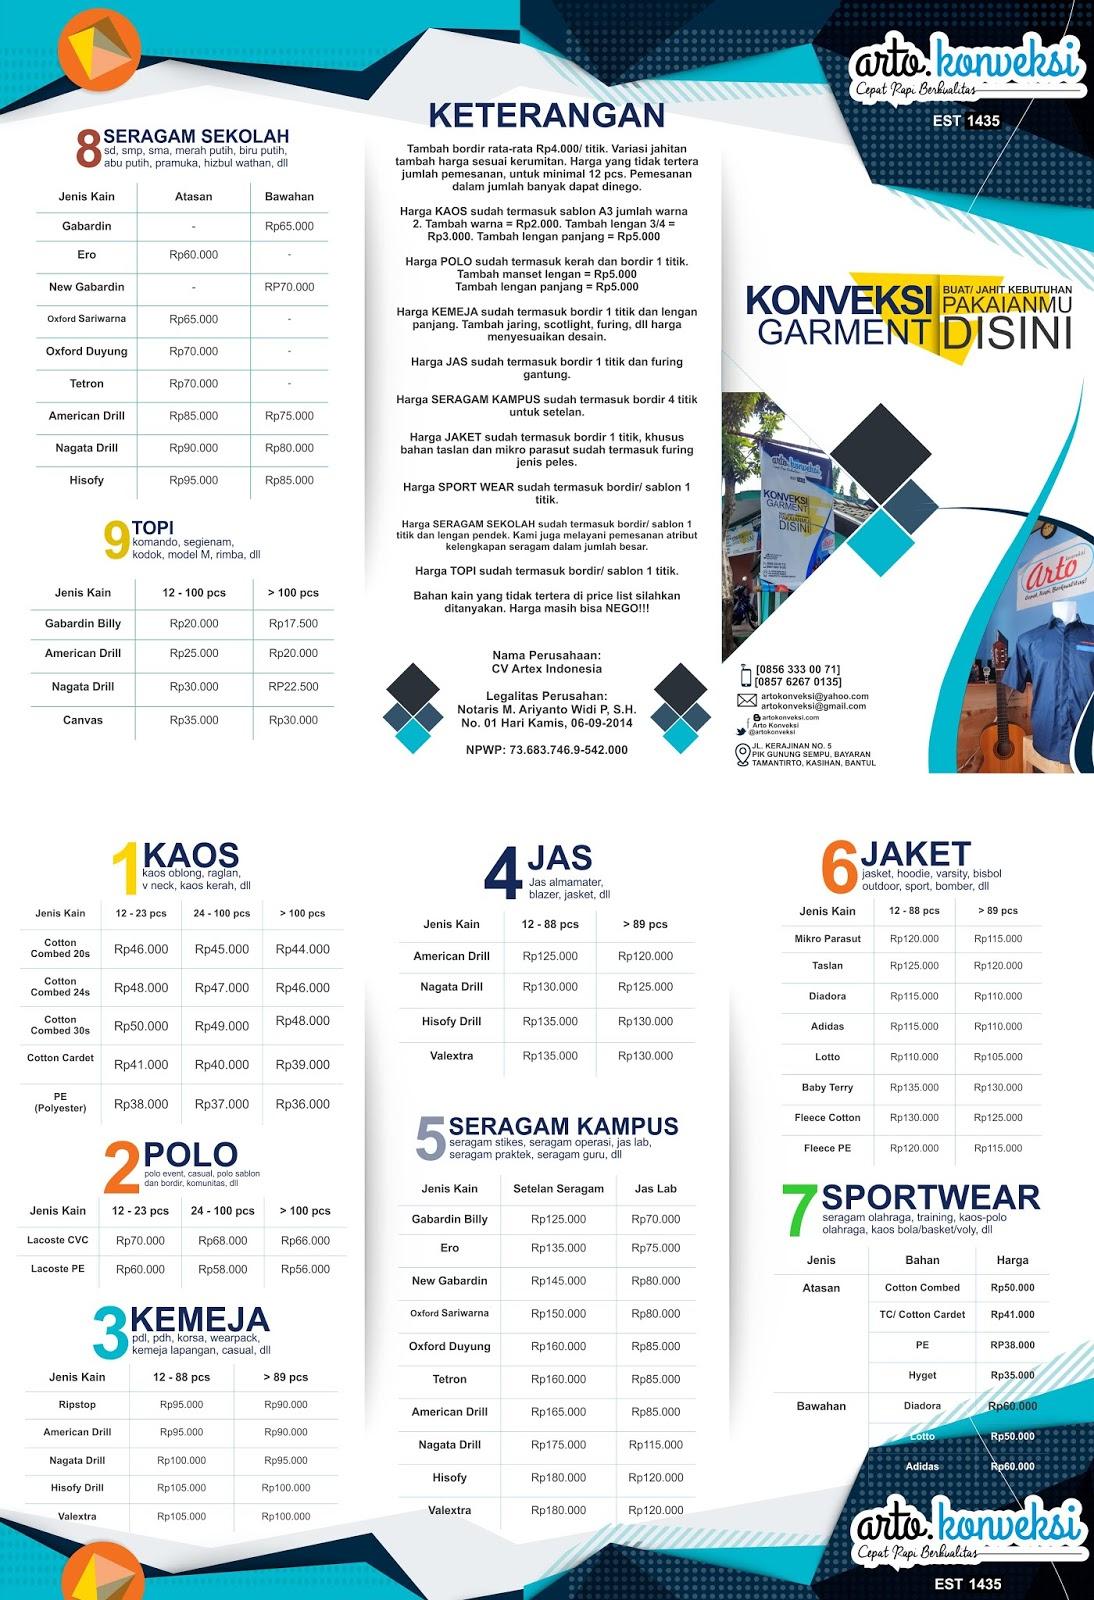 Pricelist dan Brosur Kaoskerah.com